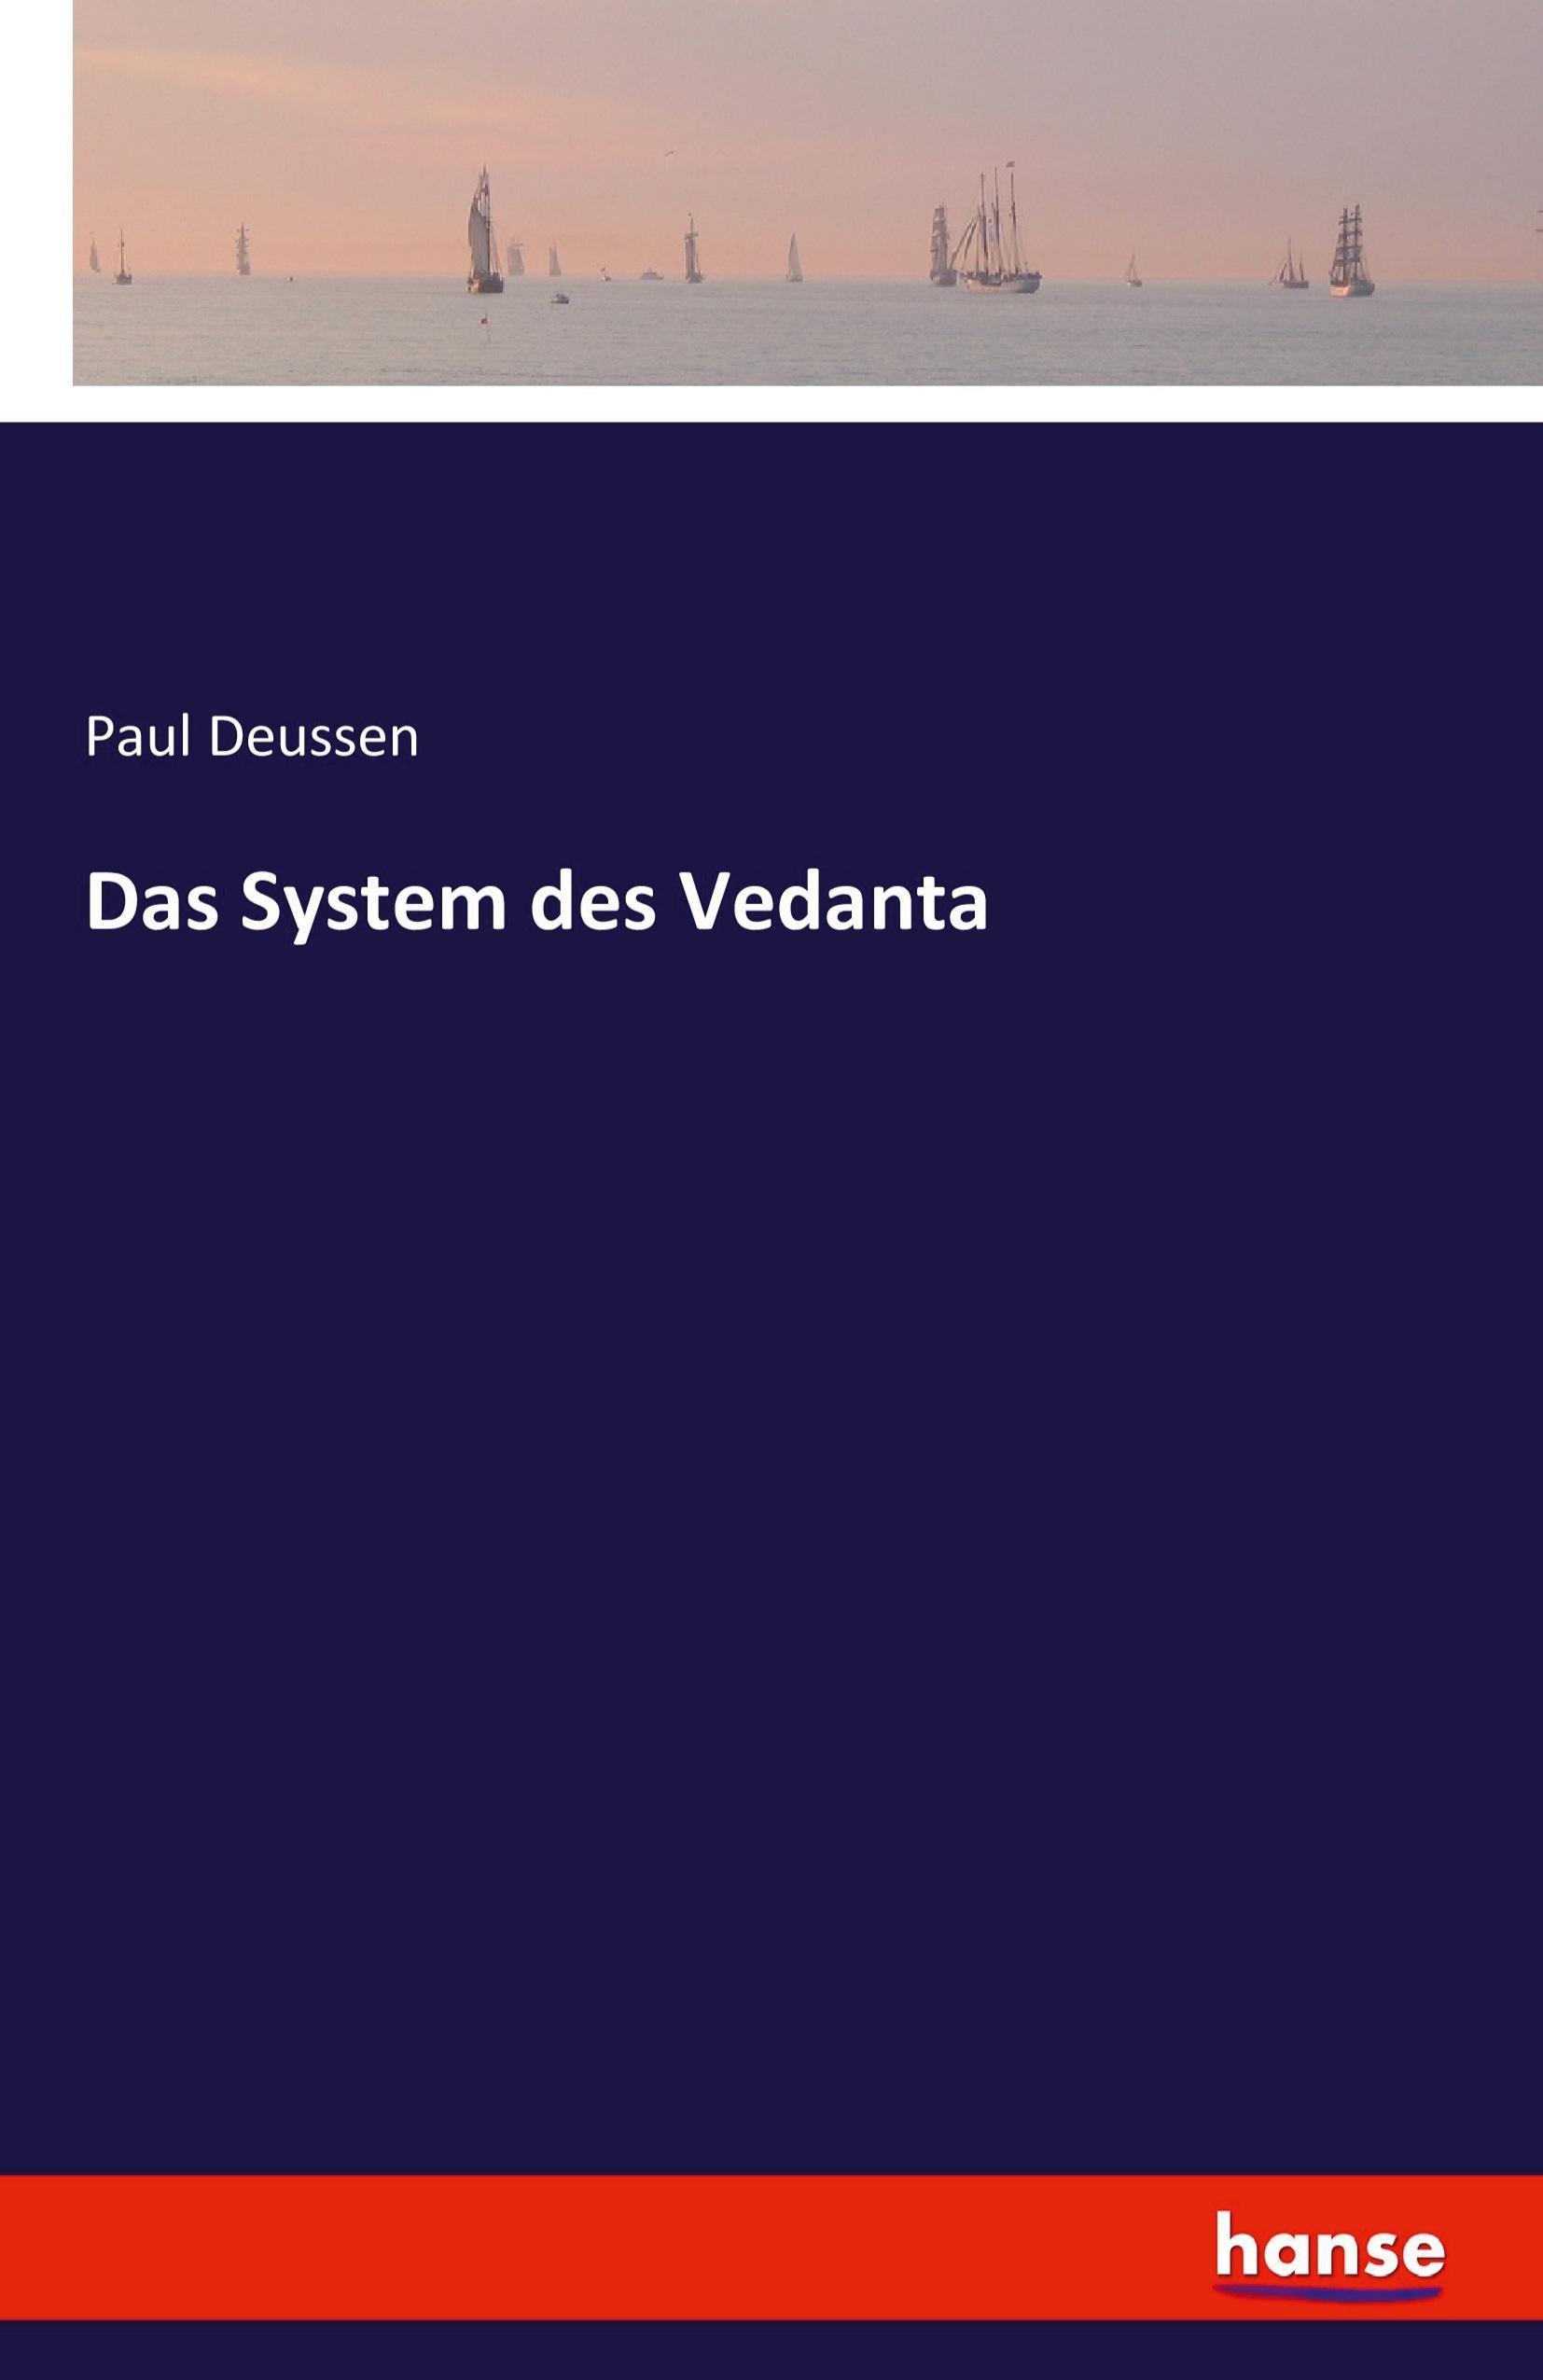 Das System des Vedanta Paul Deussen